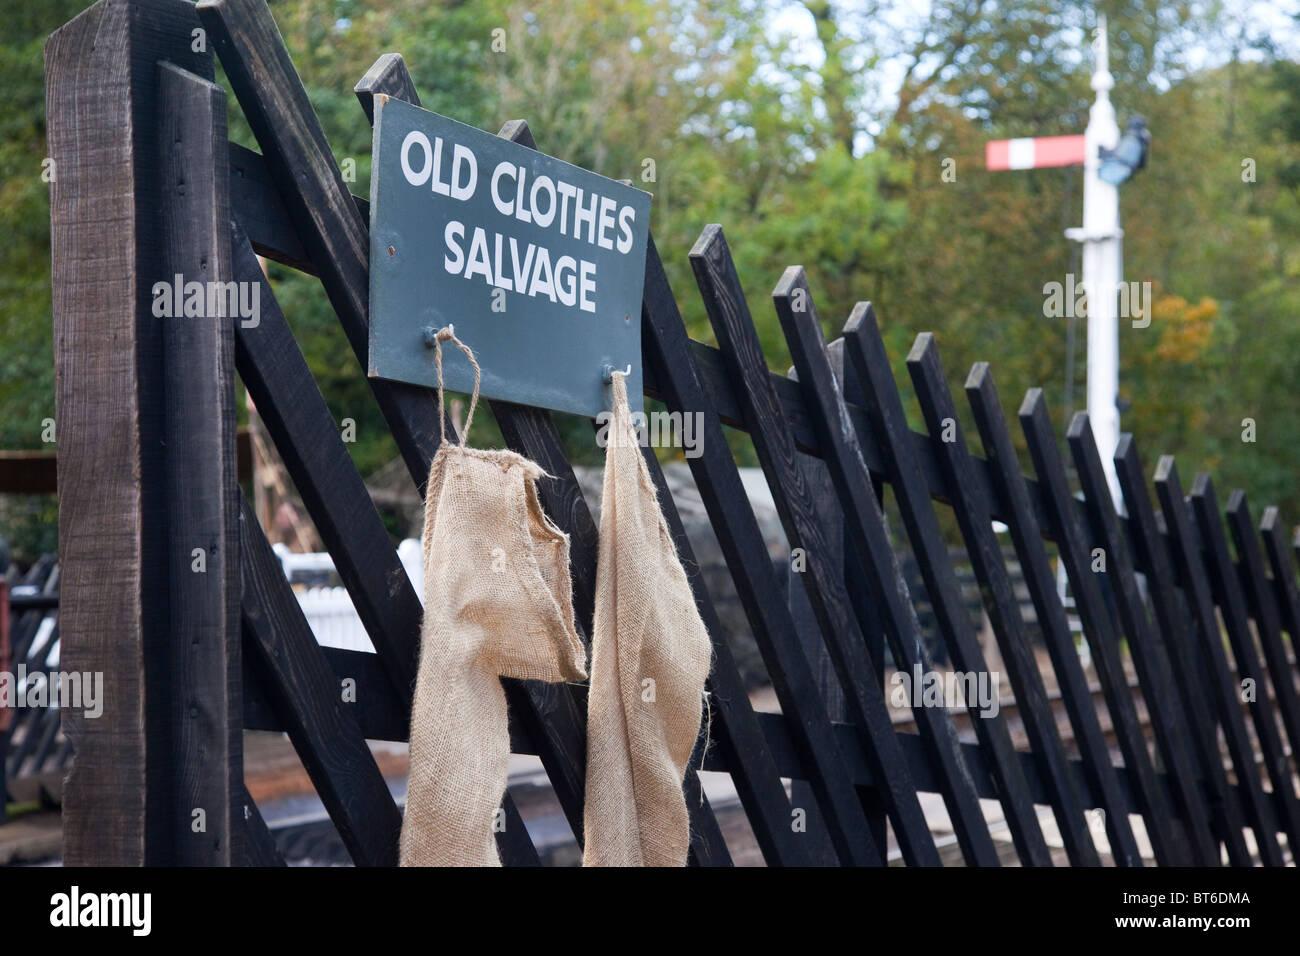 Punto di raccolta per vestiti vecchi, riutilizzare e riciclare, riciclaggio, recupero e vecchi sacchi di vestiti Immagini Stock